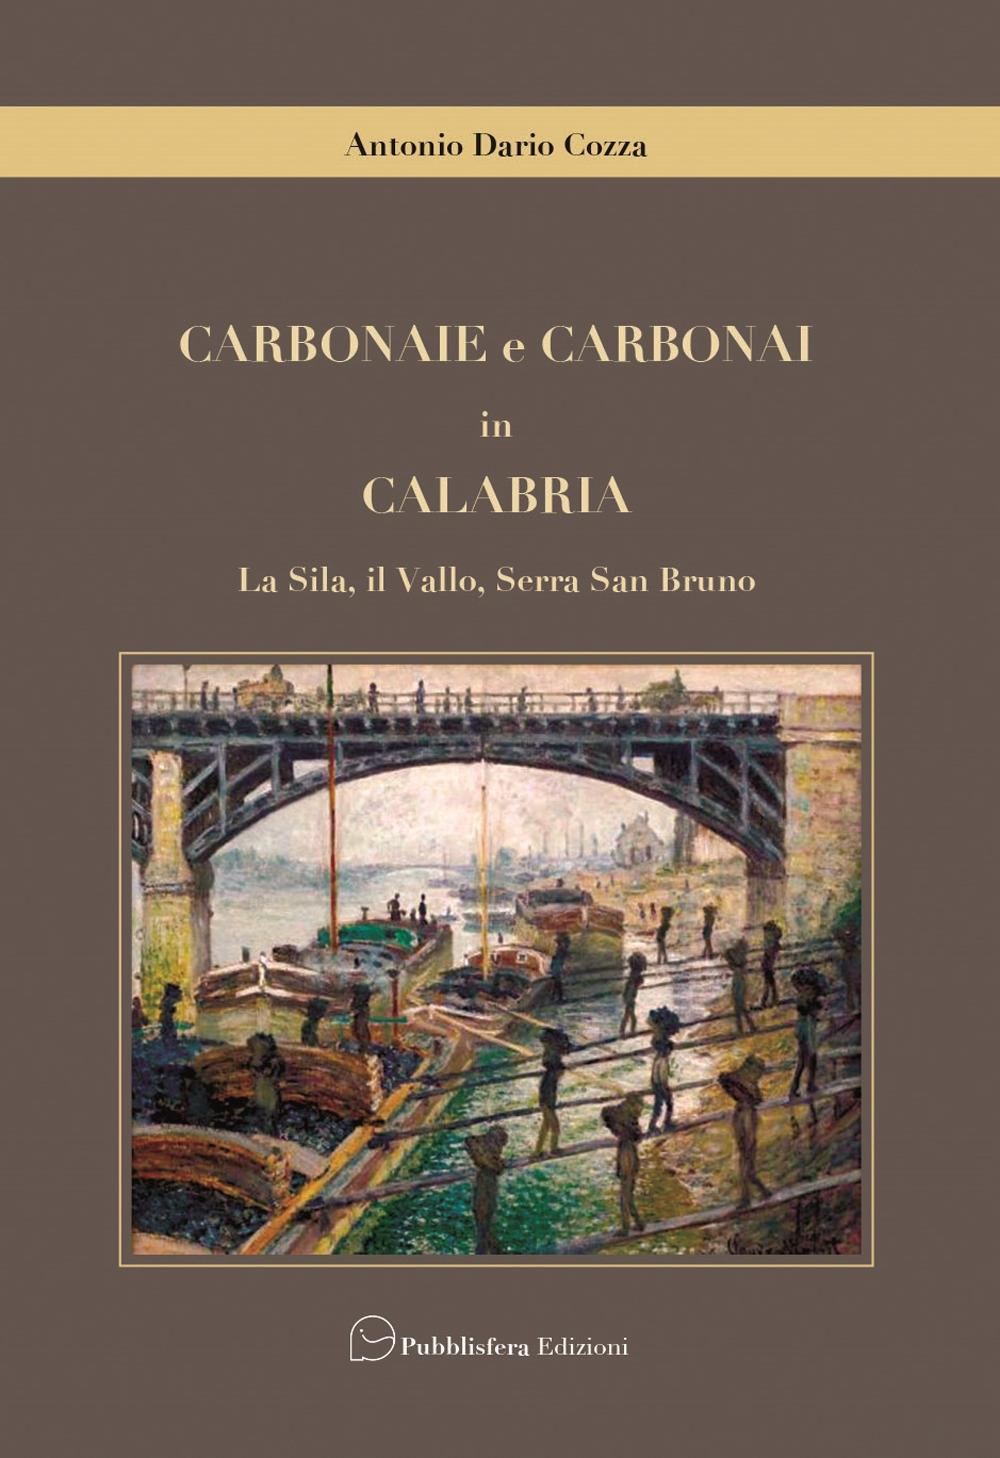 Carbonaie e carbonai in Calabria. La Sila, il Vallo, Serra San Bruno